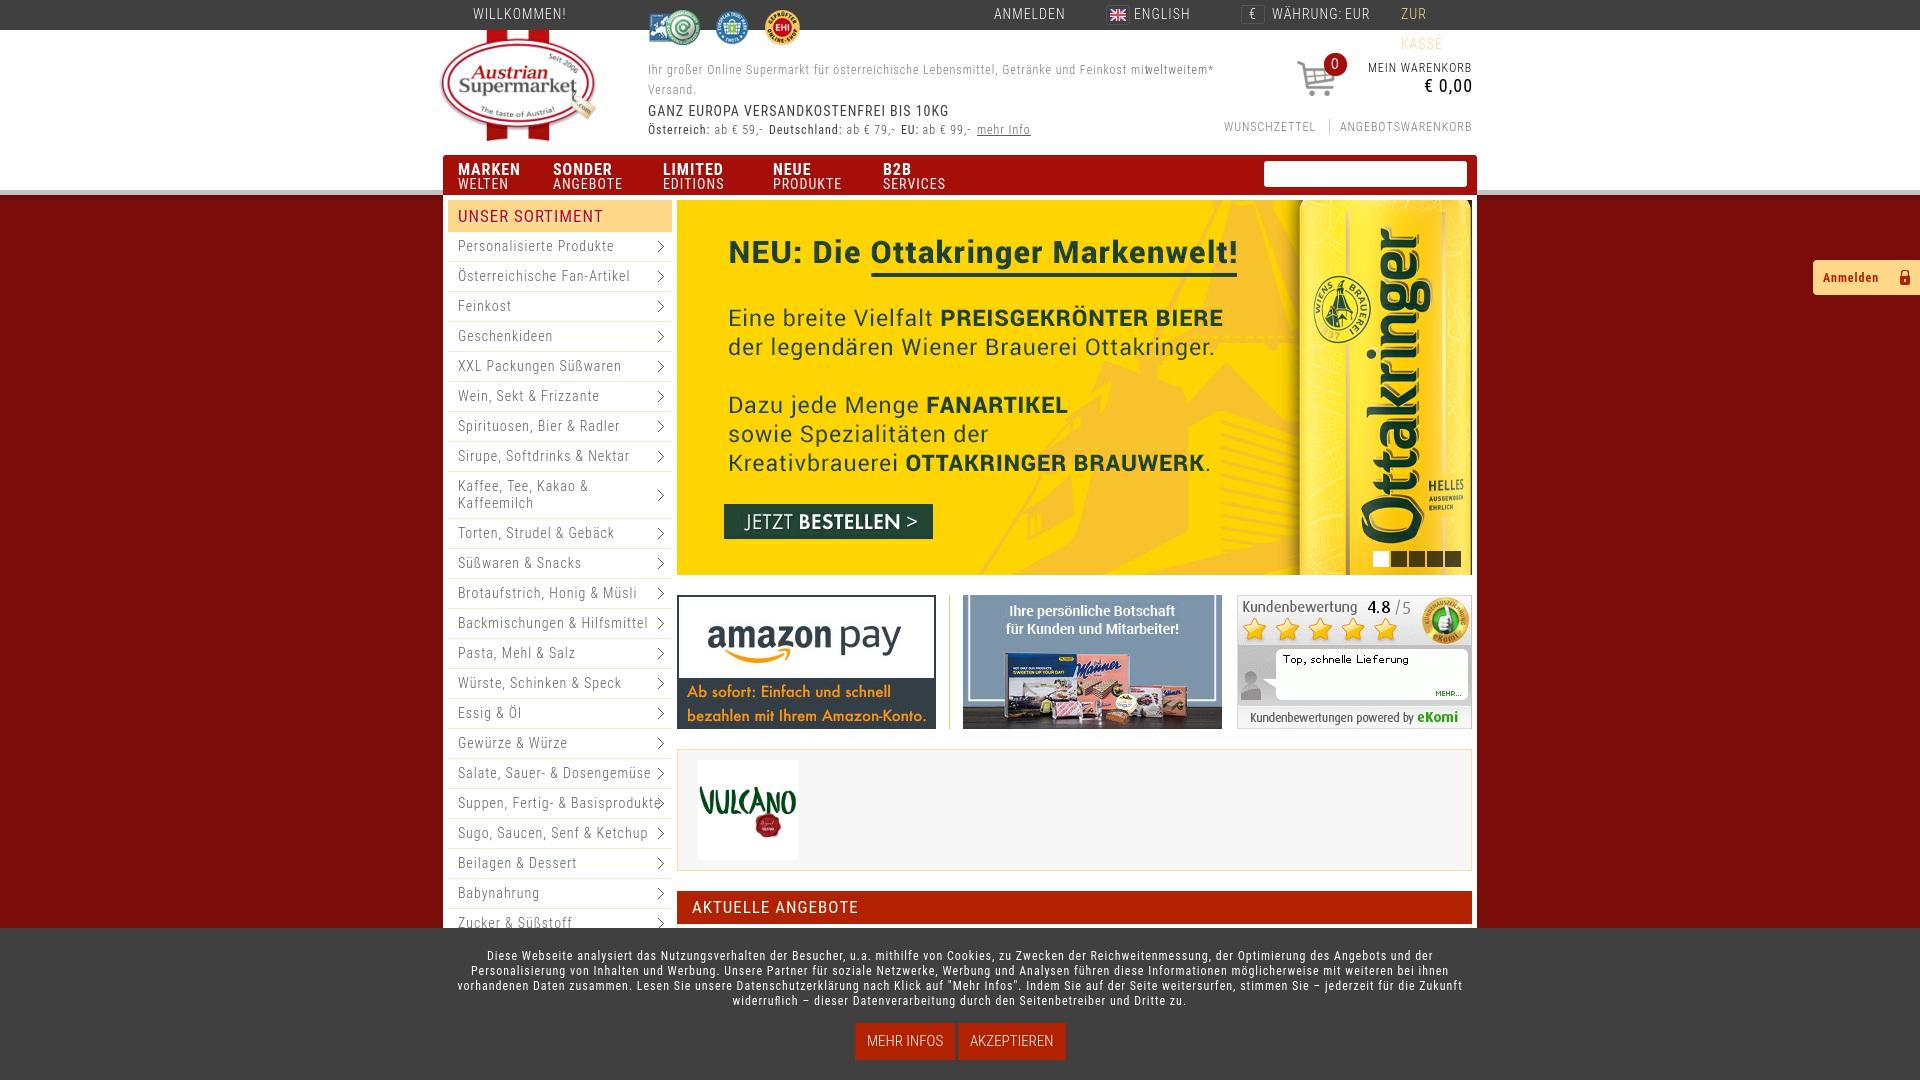 Gutschein für Austriansupermarket: Rabatte für  Austriansupermarket sichern